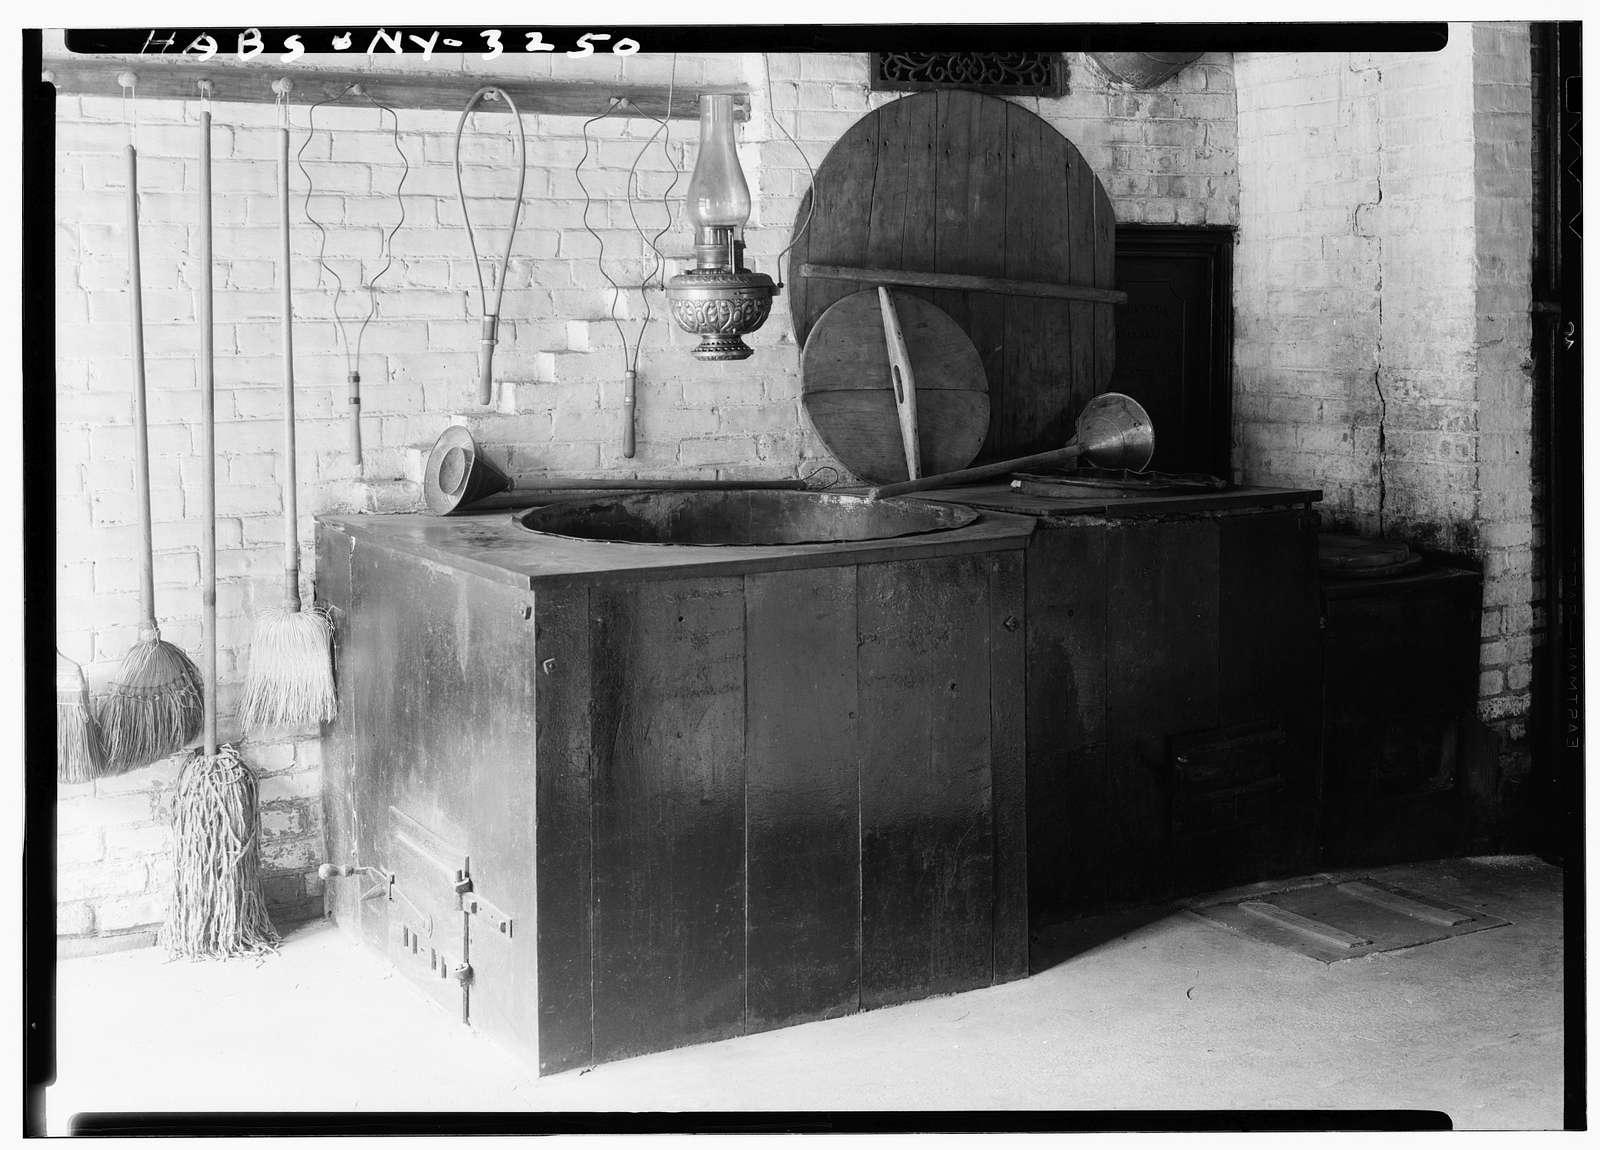 Shaker North Family Washhouse (second), Shaker Road, New Lebanon, Columbia County, NY